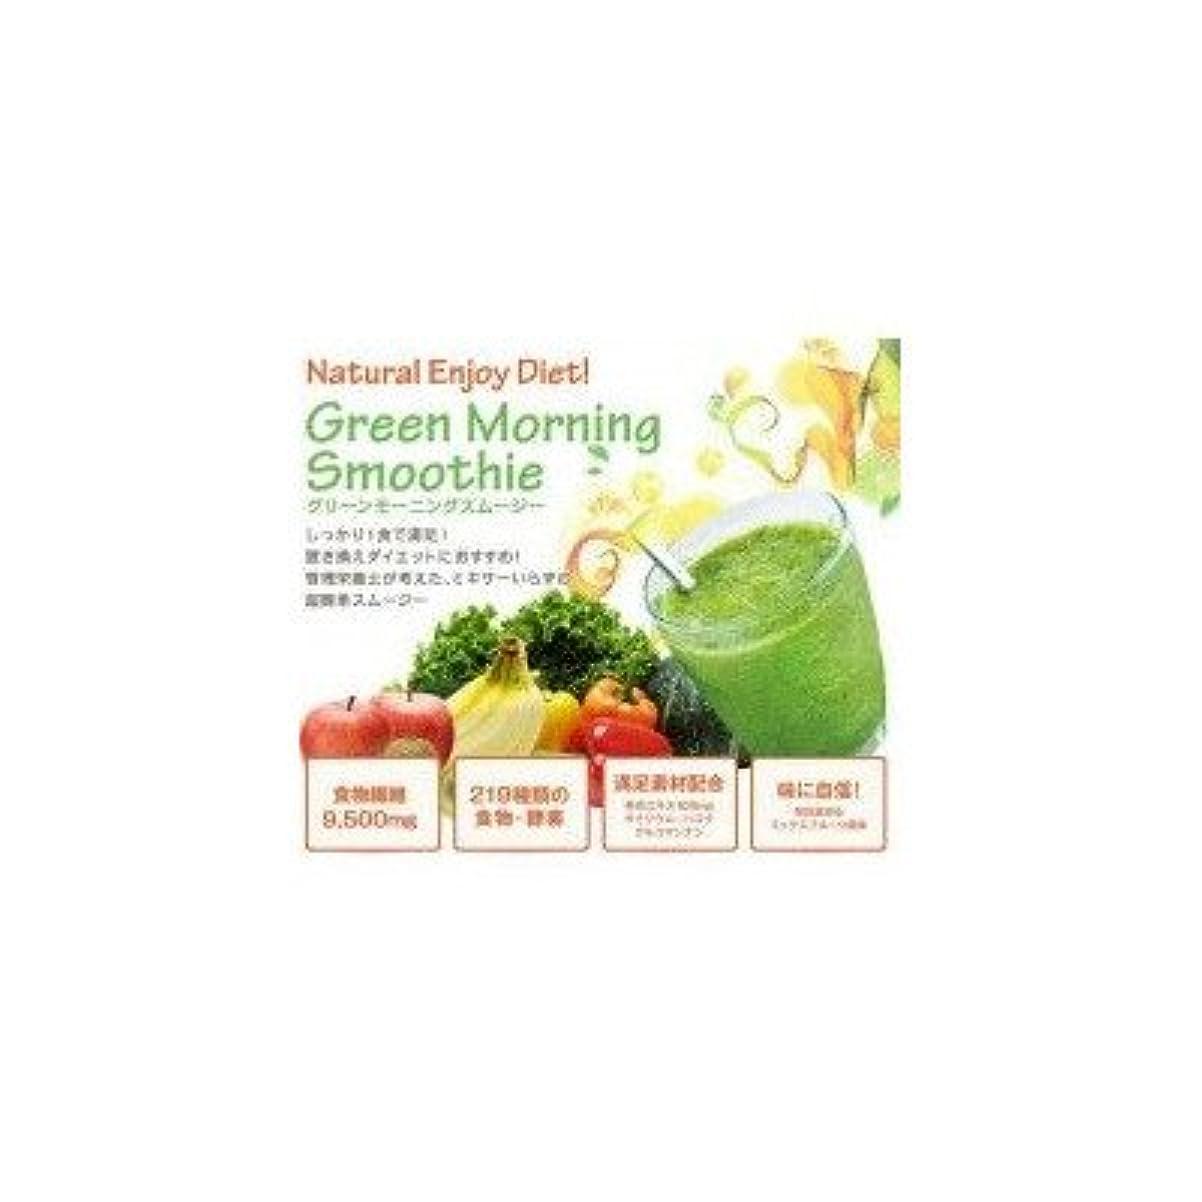 りんごハンディキャップ一見ファイン グリーンモーニングスムージー 20g×5袋